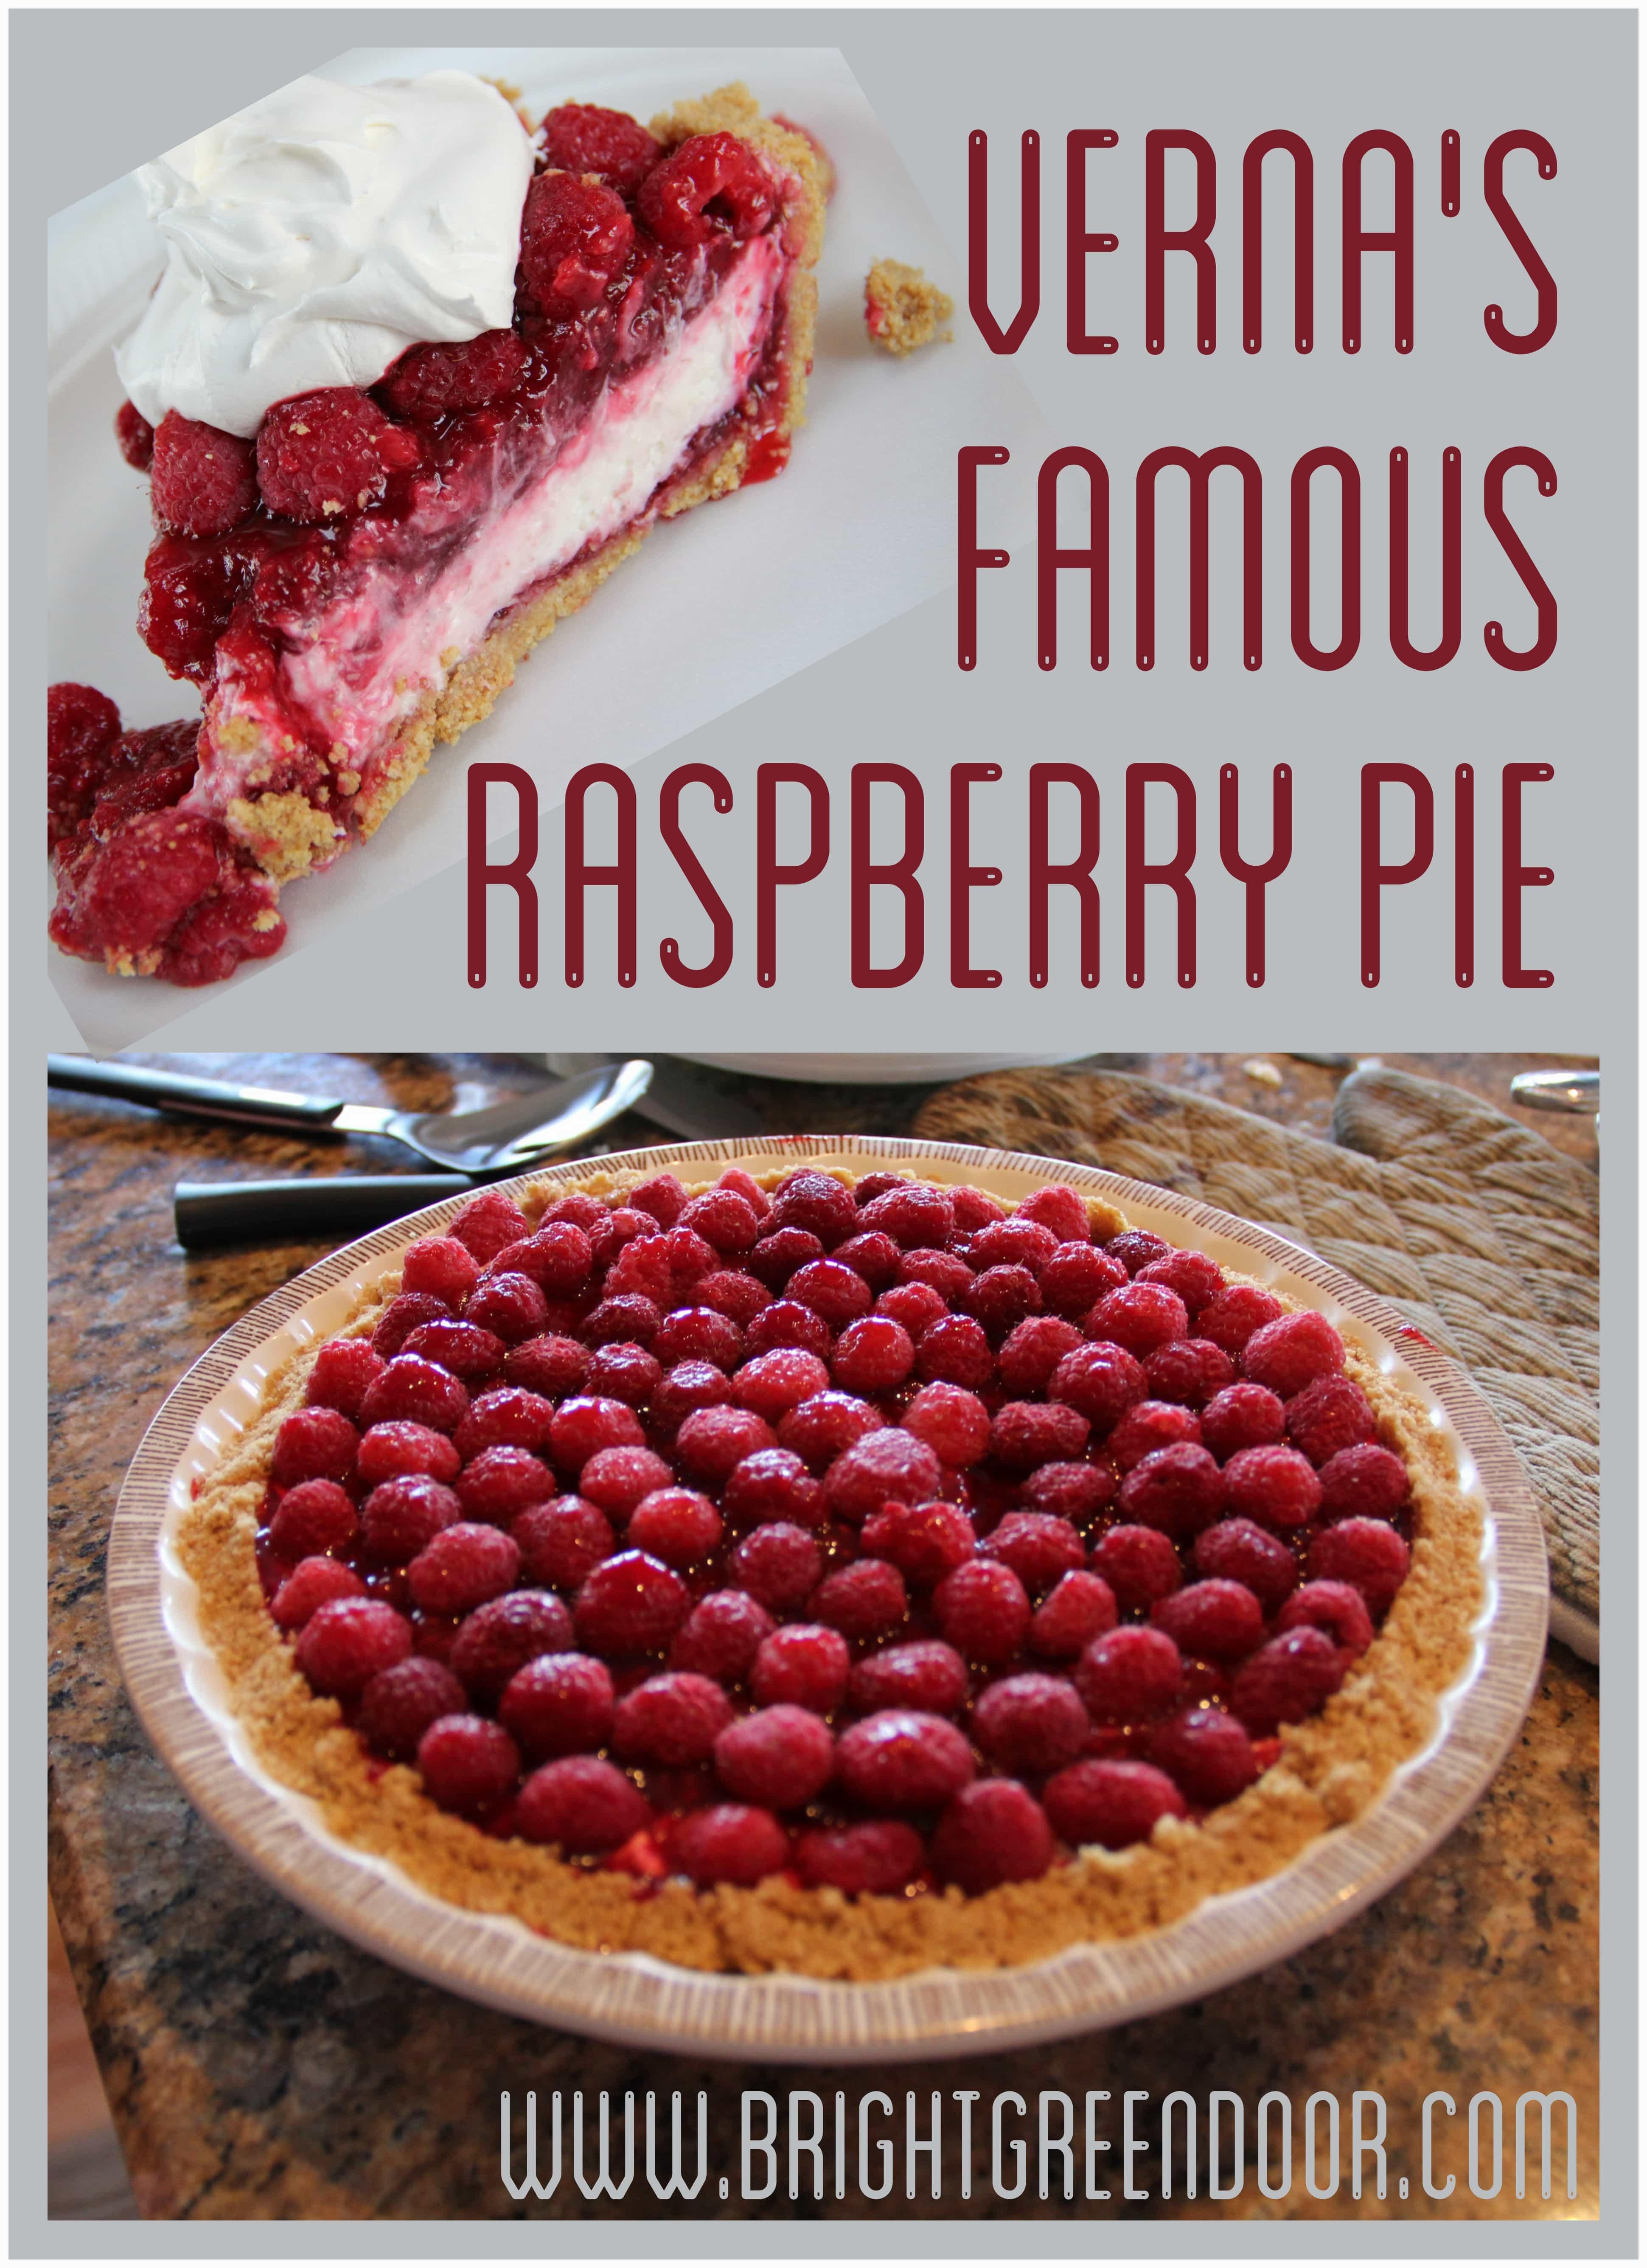 Verna's Famous Raspberry Pie